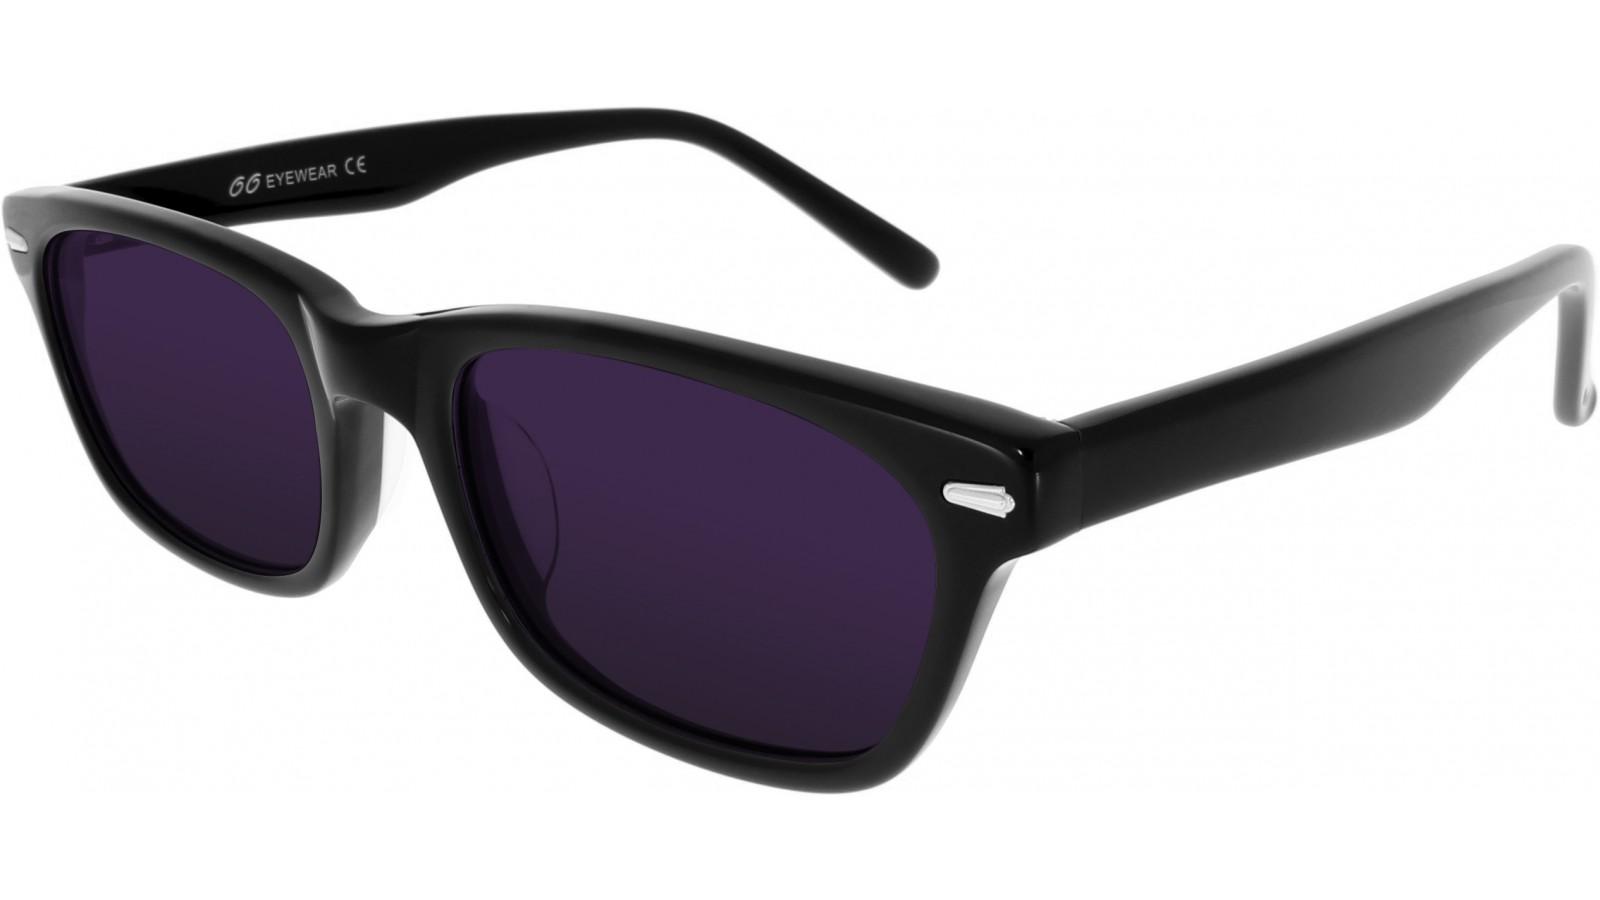 Nerd Sonnenbrille im wayfarer Style